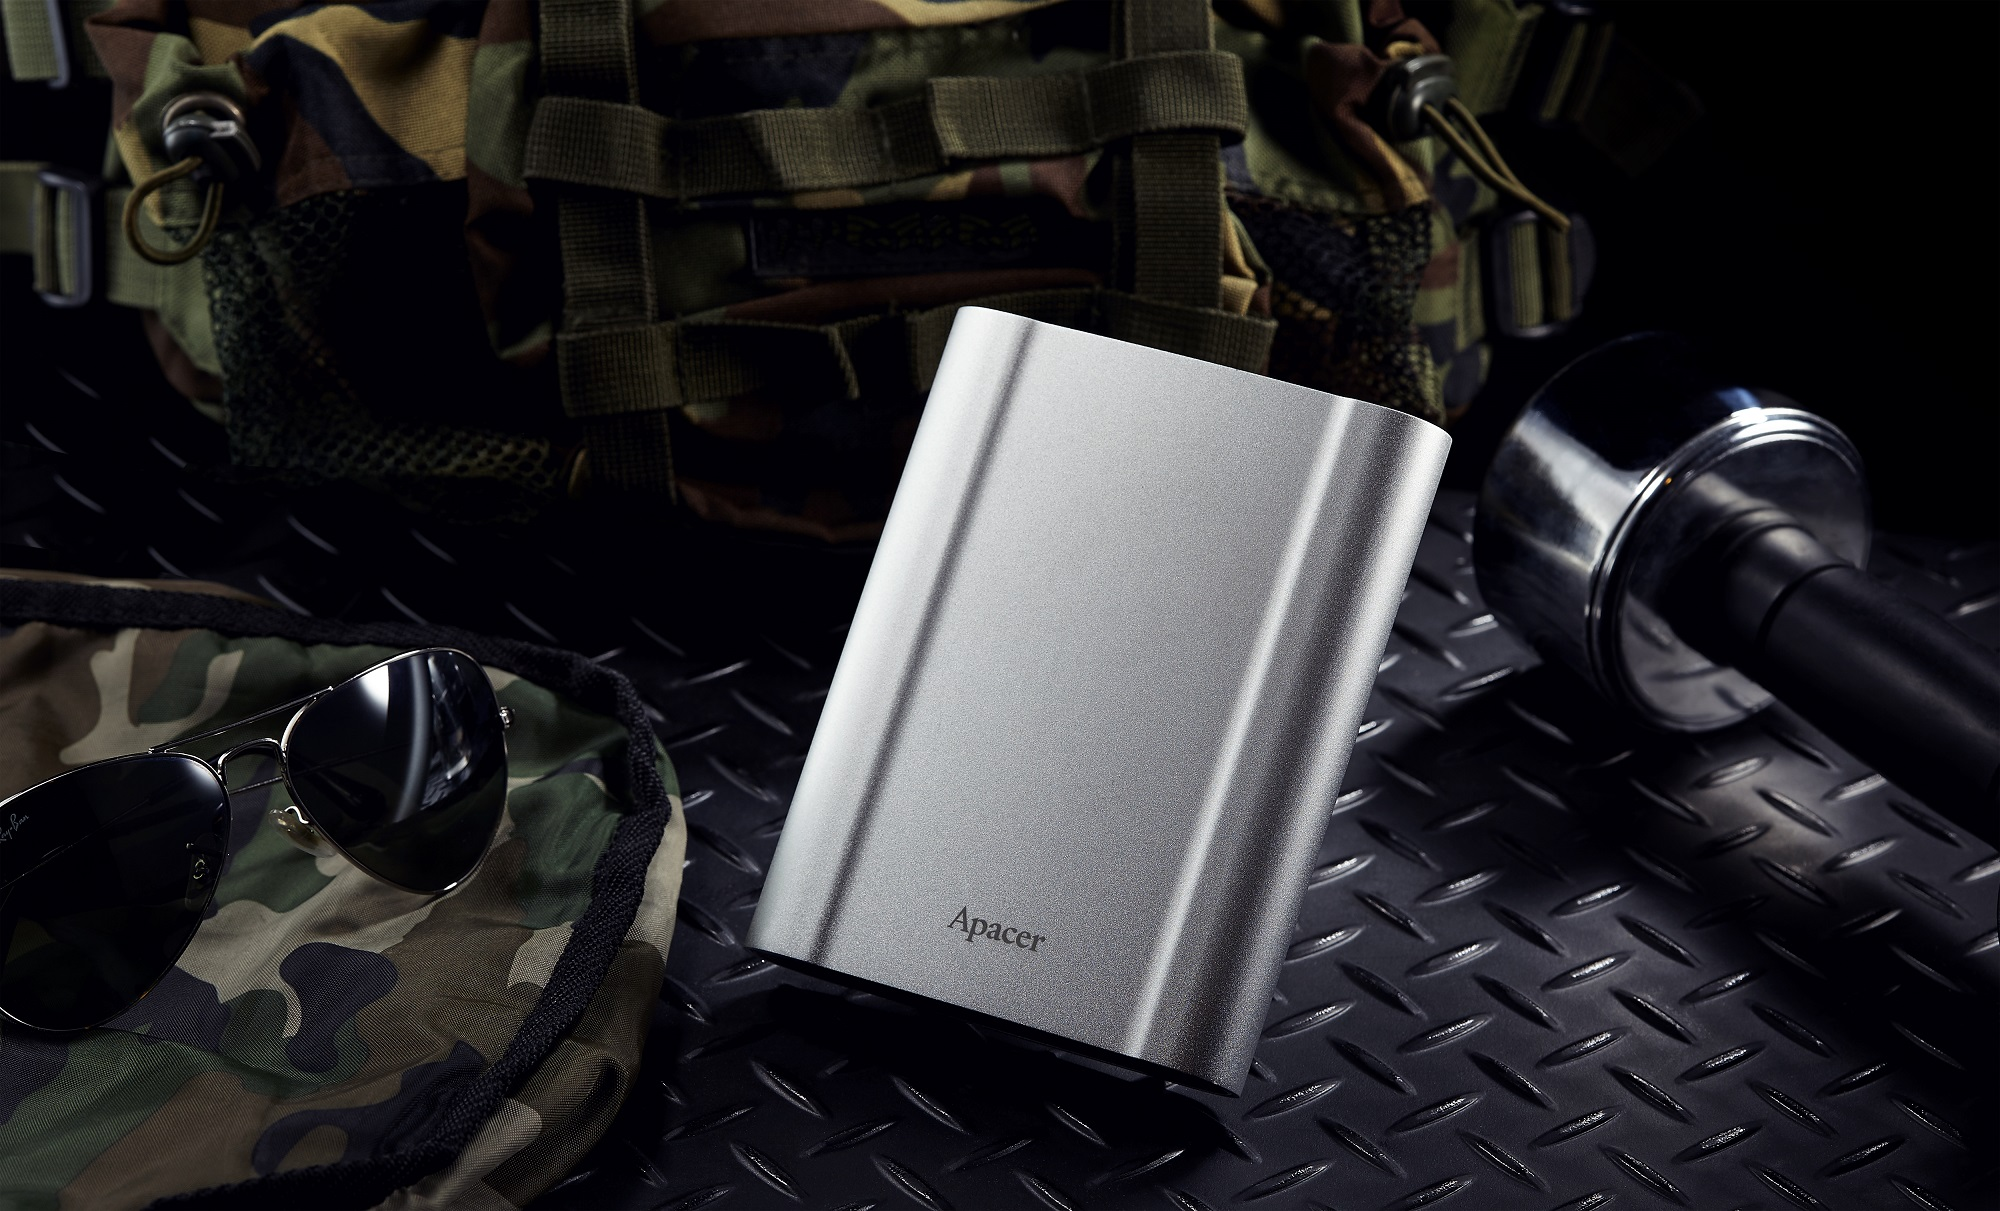 宇瞻首款軍規抗摔行動硬碟AC730,全副武裝新上市!